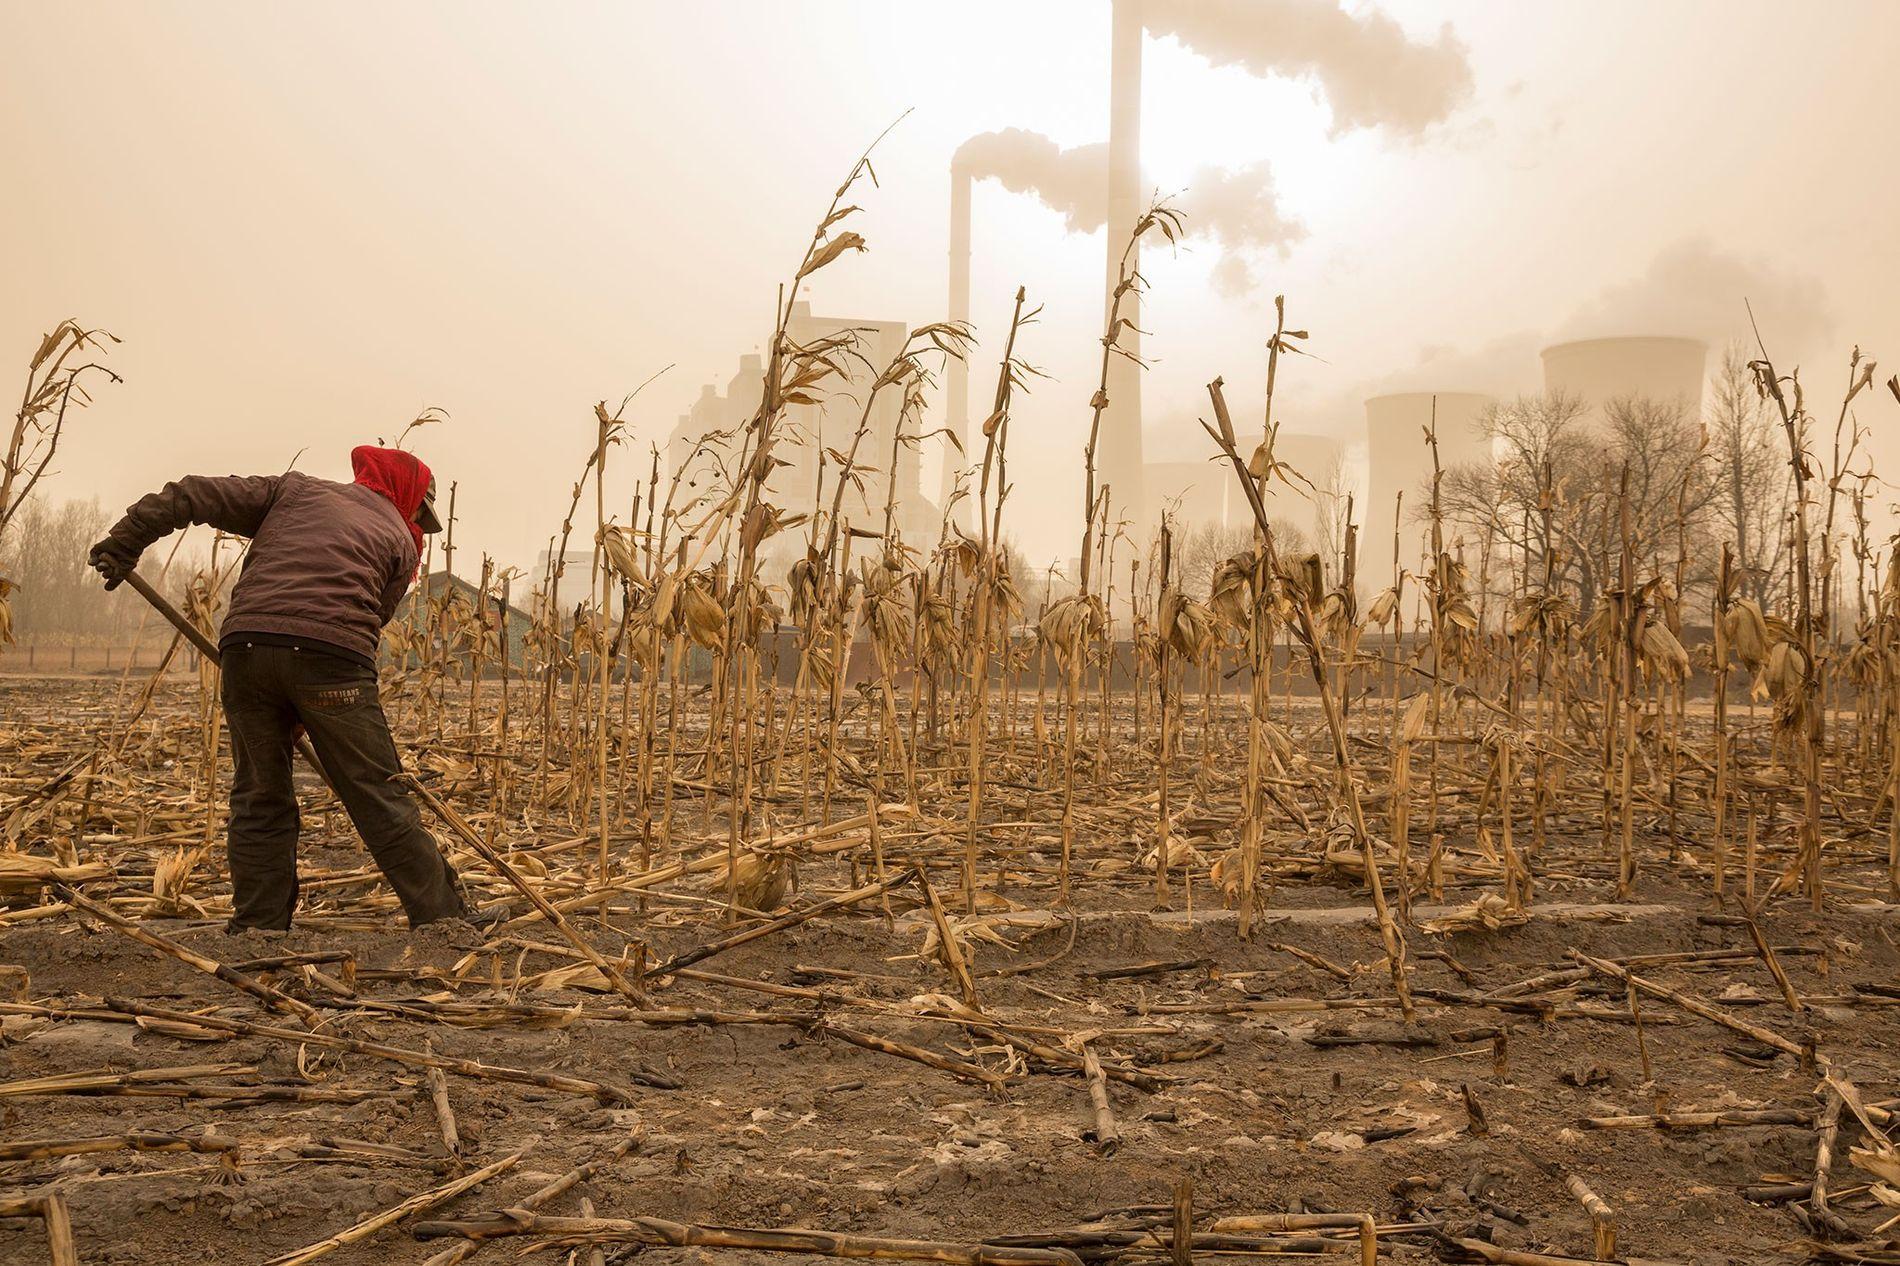 Un fermier attend le printemps près d'une centrale nucléaire dans la province de Shanxi, en Chine. Le complexe nucléaire produit l'électricité pour Pékin, situé à environ 320 kilomètres de là, et recouvre les champs, les récoltes et les riverains d'un épais manteau de suie.